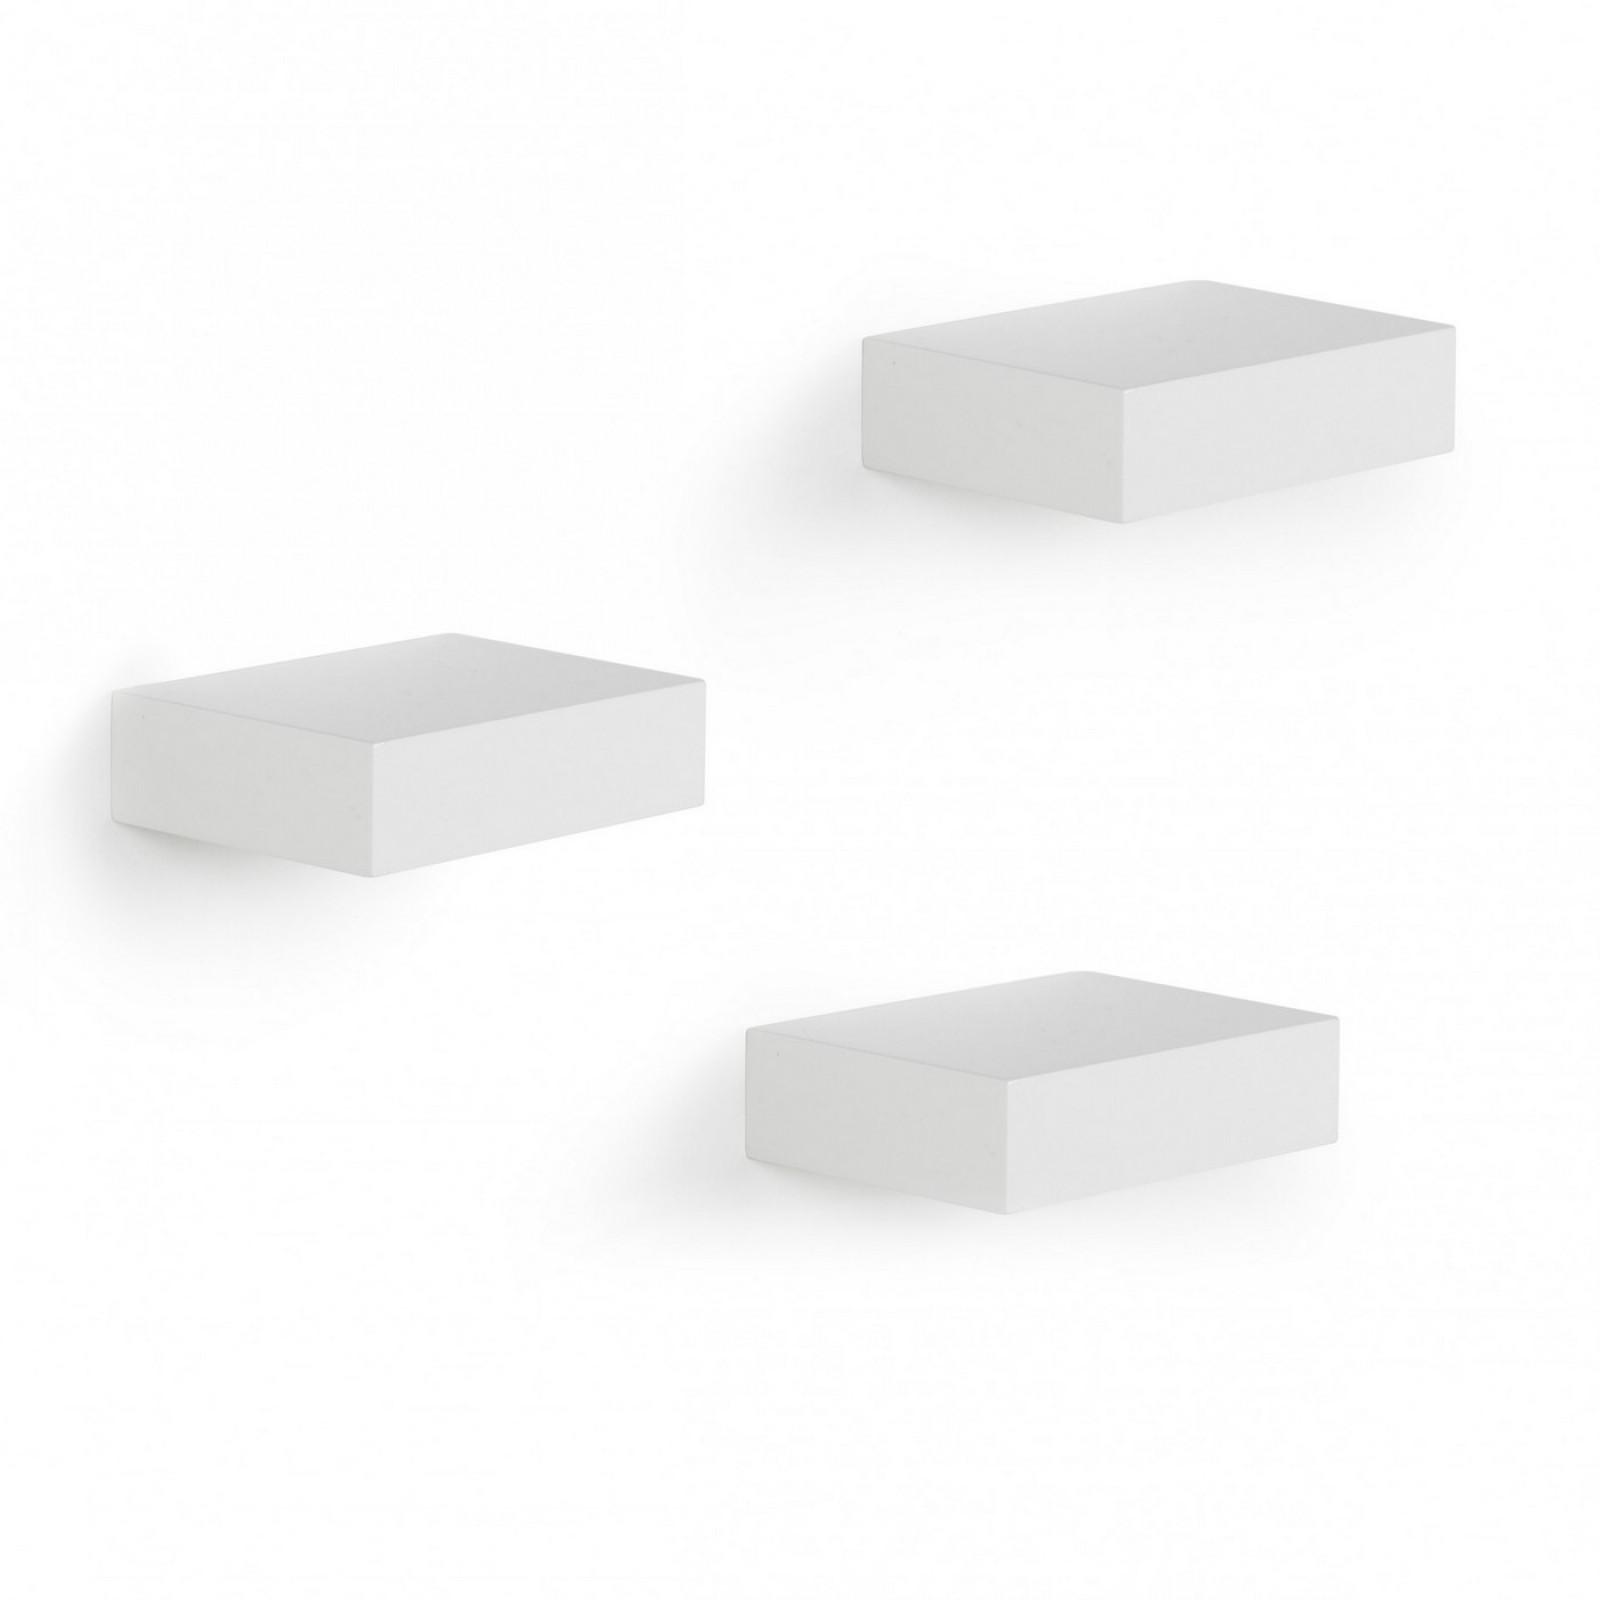 Ράφια Showcase Σετ των 3 (Λευκό) - Umbra